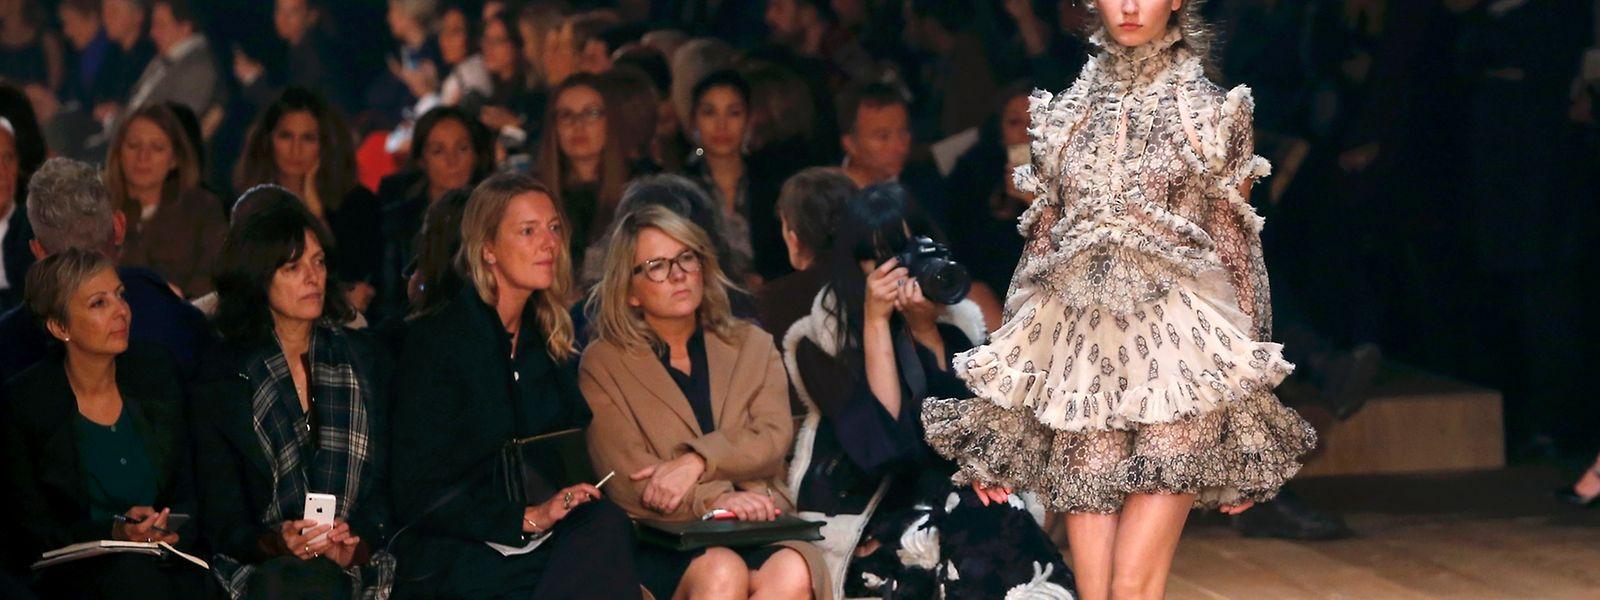 Alexander McQueen setzt auf viktorianisch inspirierte Rüschenkleider.